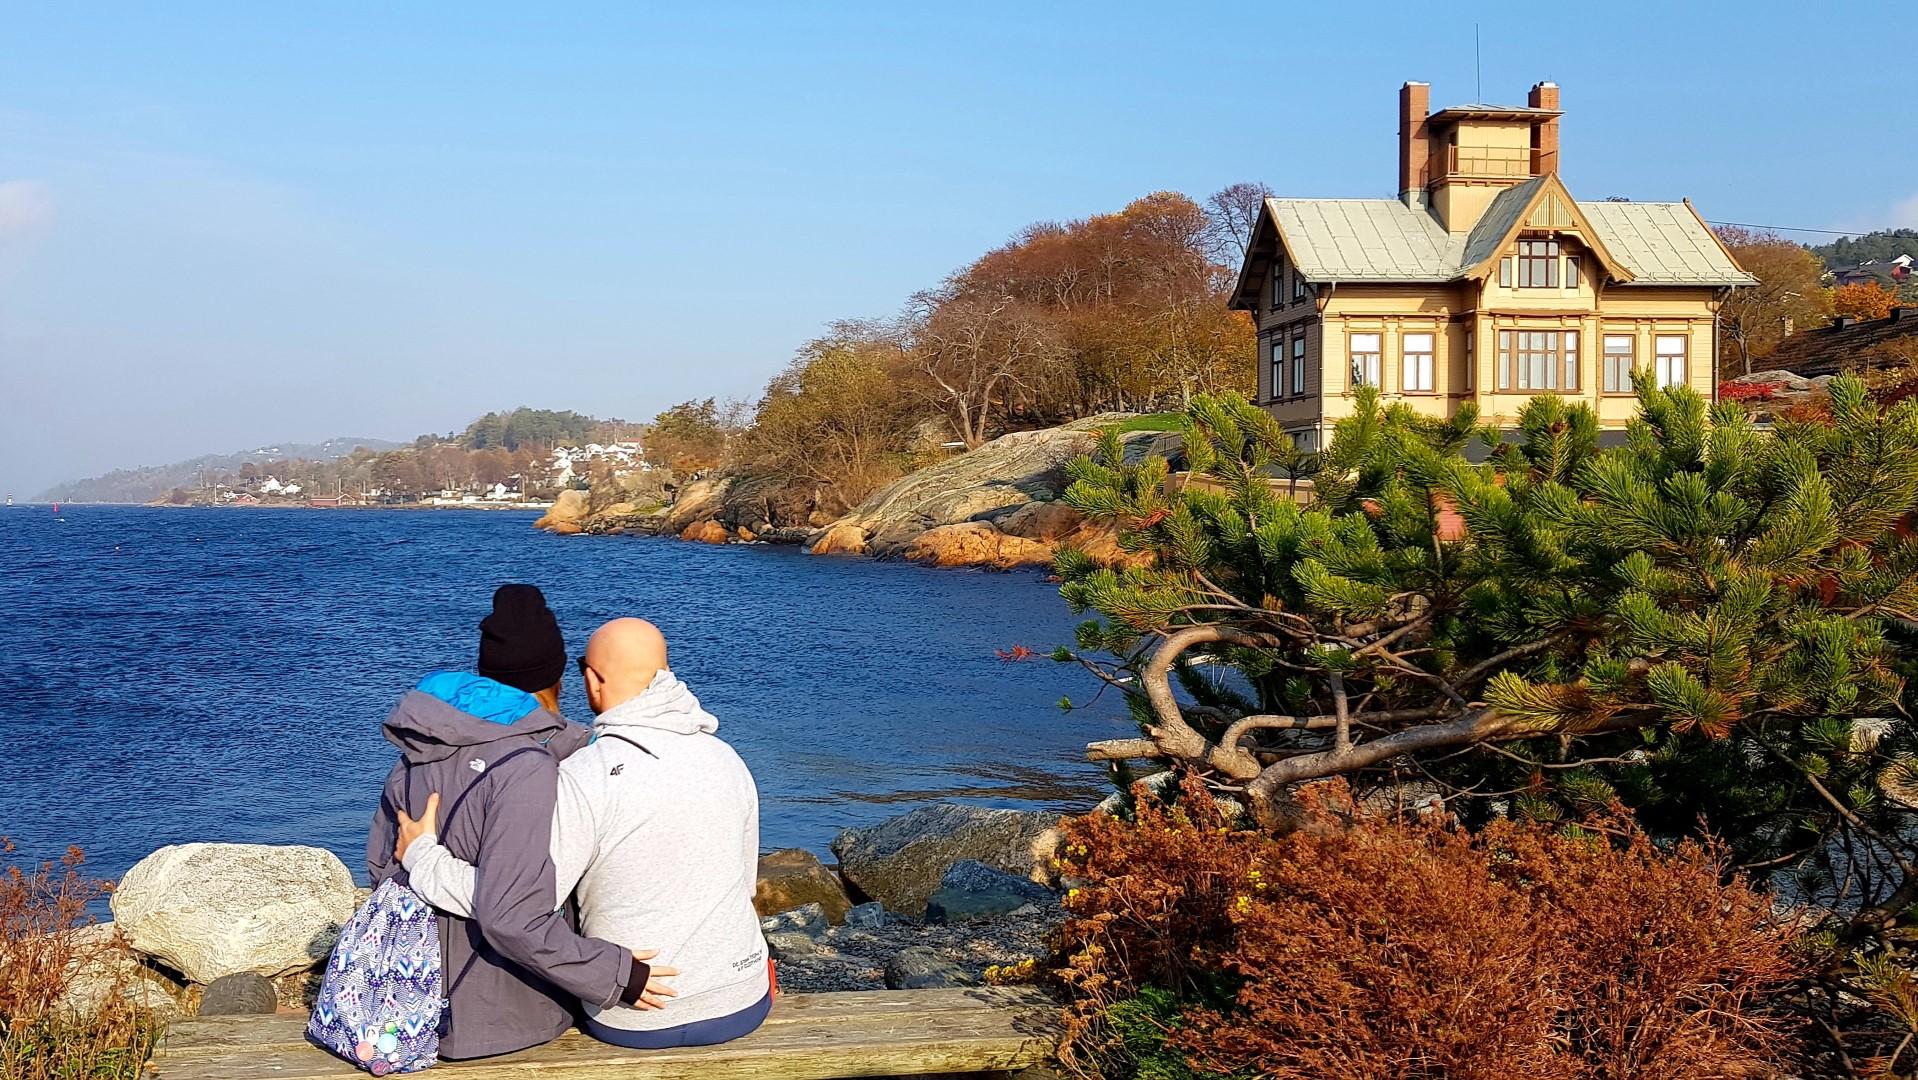 Para siedząc na łąwce. Obejmująca się i patrząca na zatokę w Drobak.